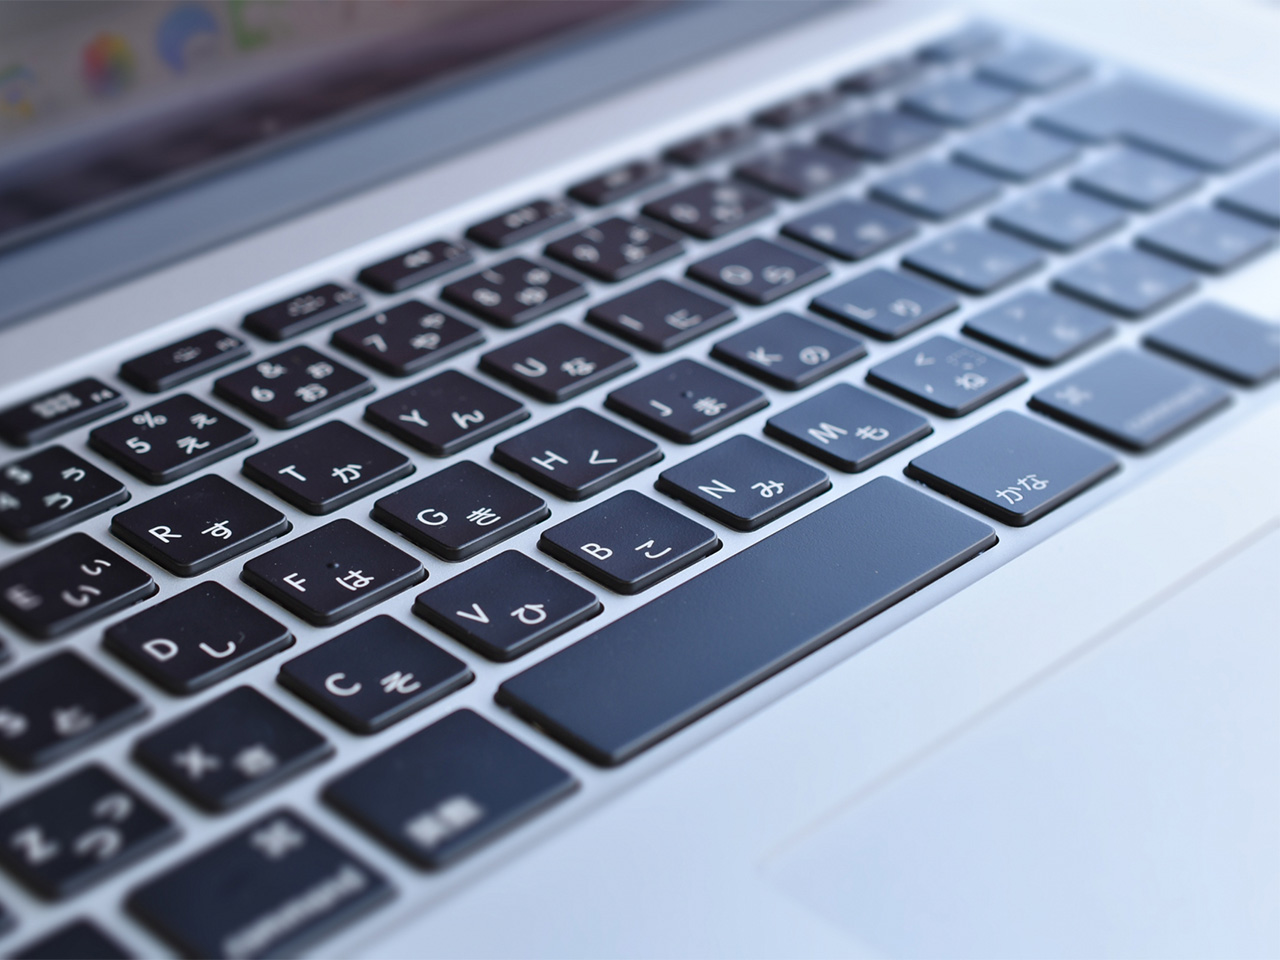 PCキーボード イメージ画像